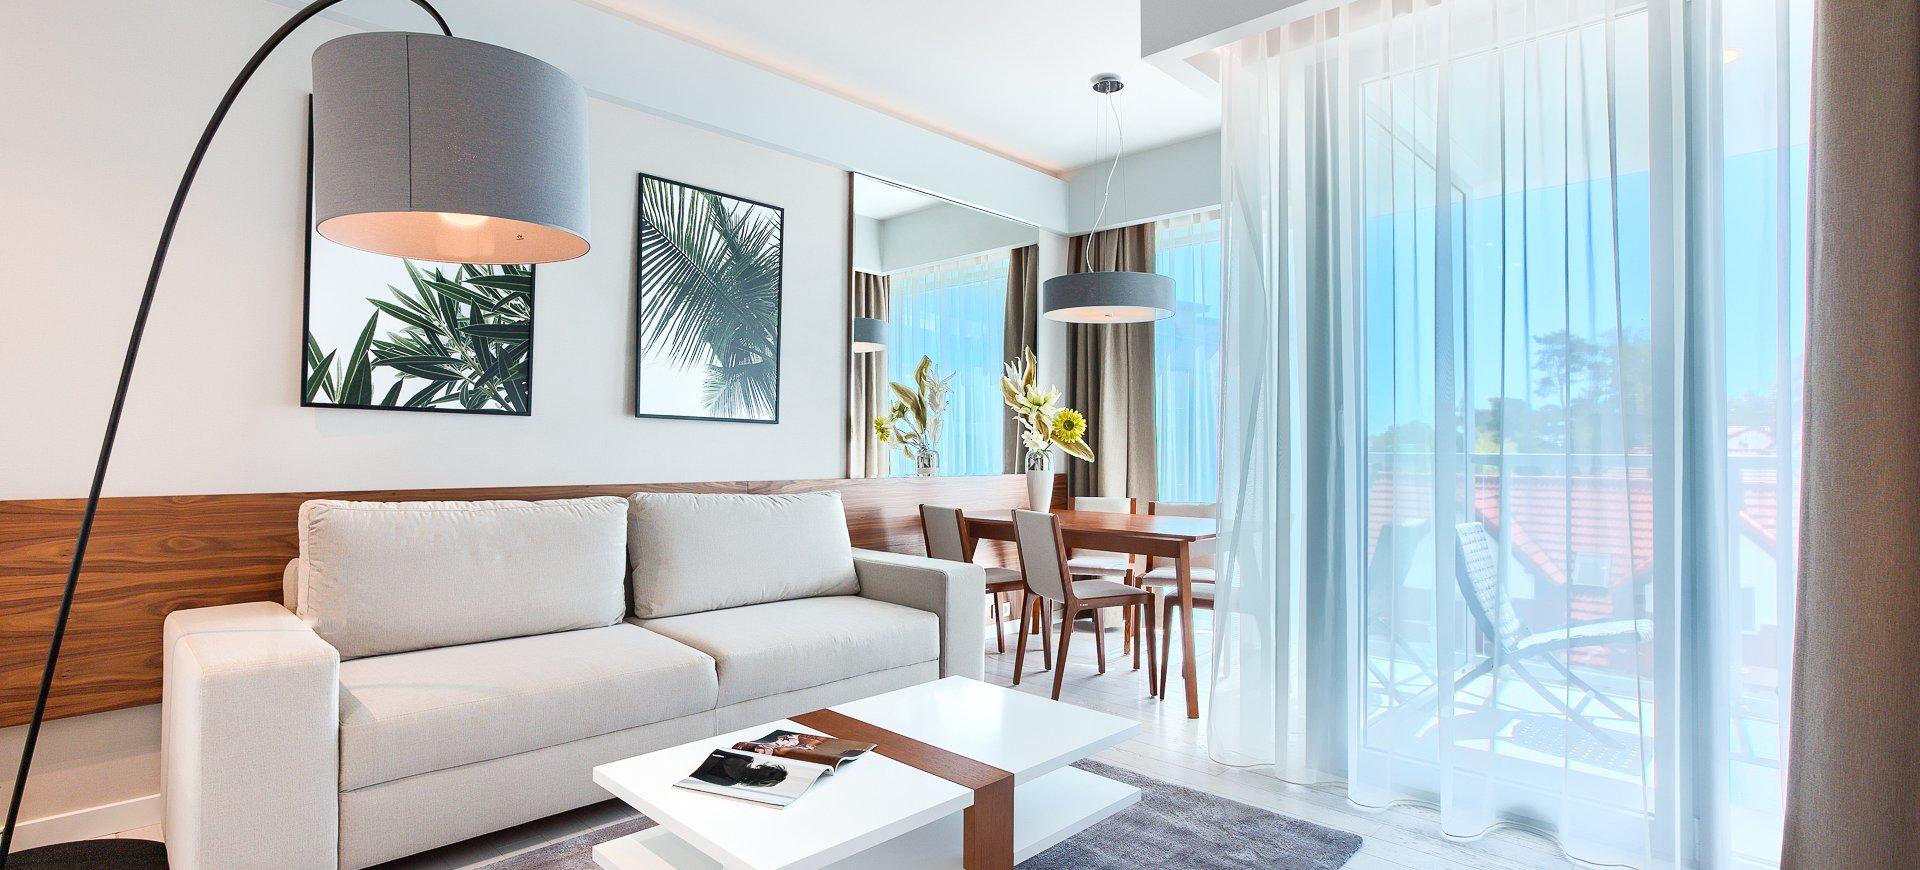 Apartament Deluxe z 1 sypialnią 2.27 B